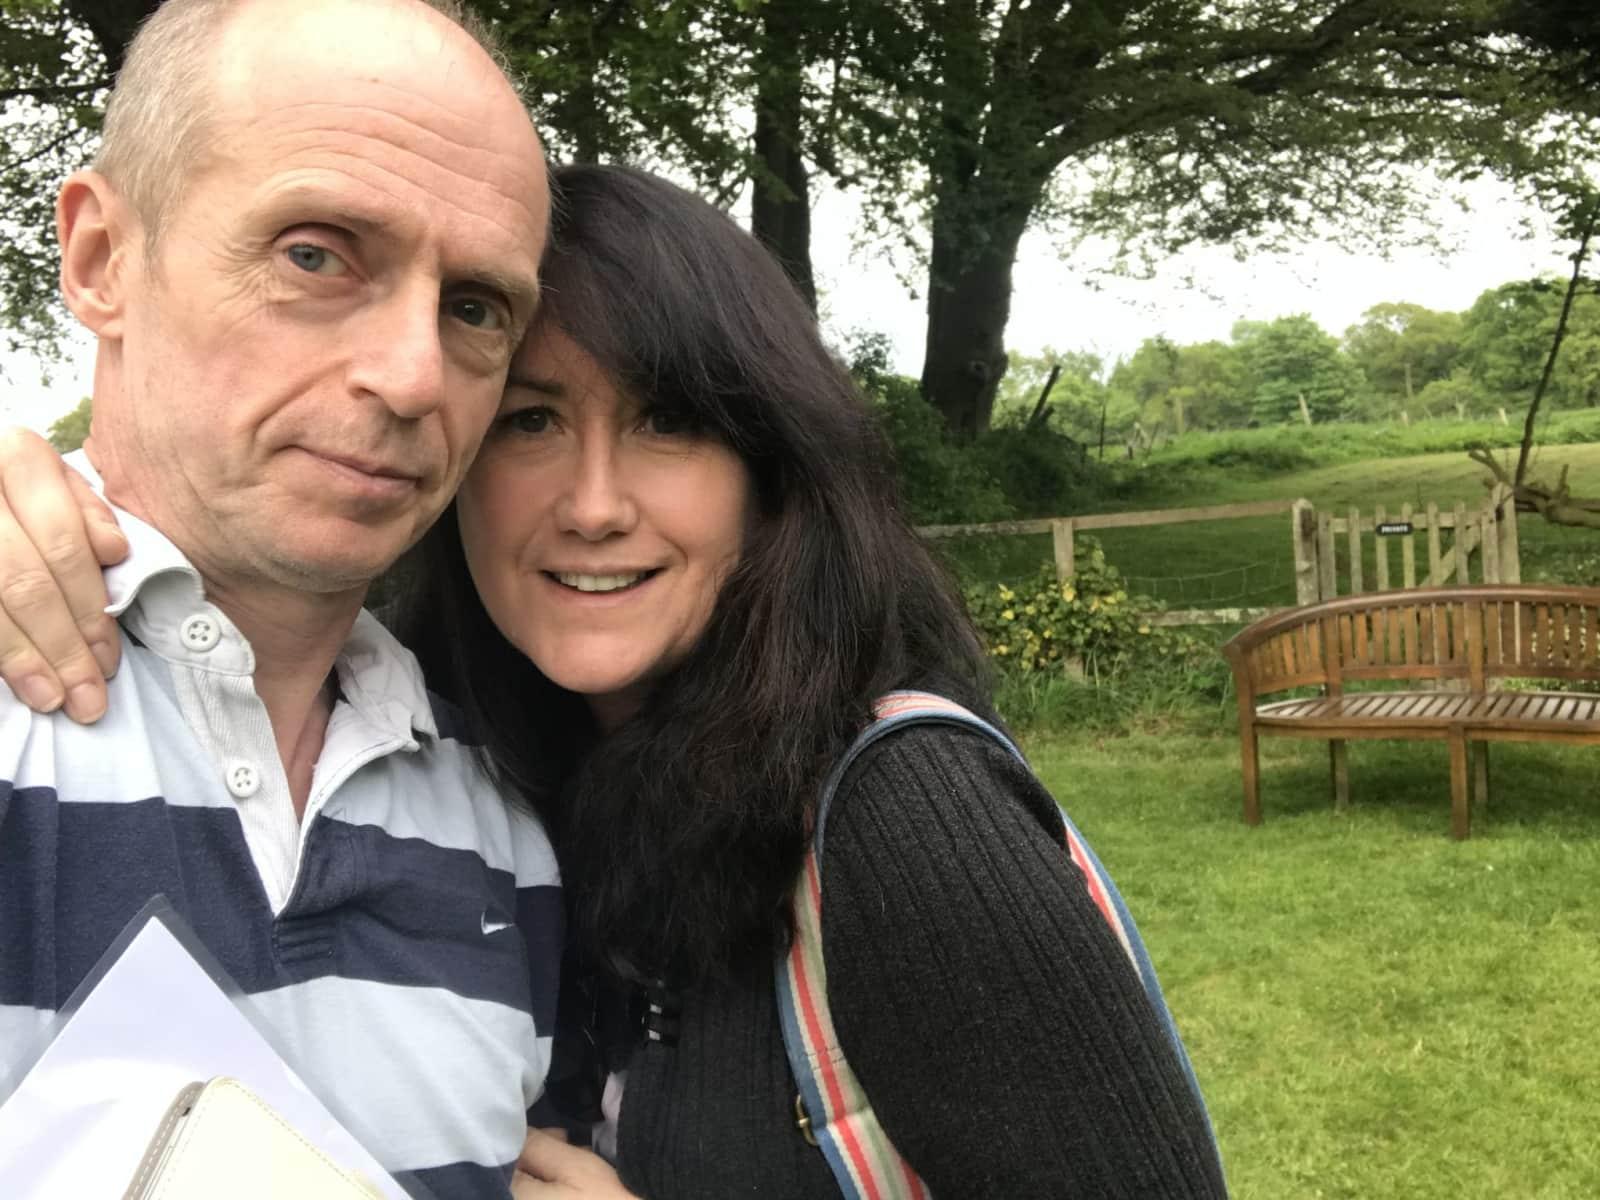 Patrick & Kathryn from Sandhurst, United Kingdom